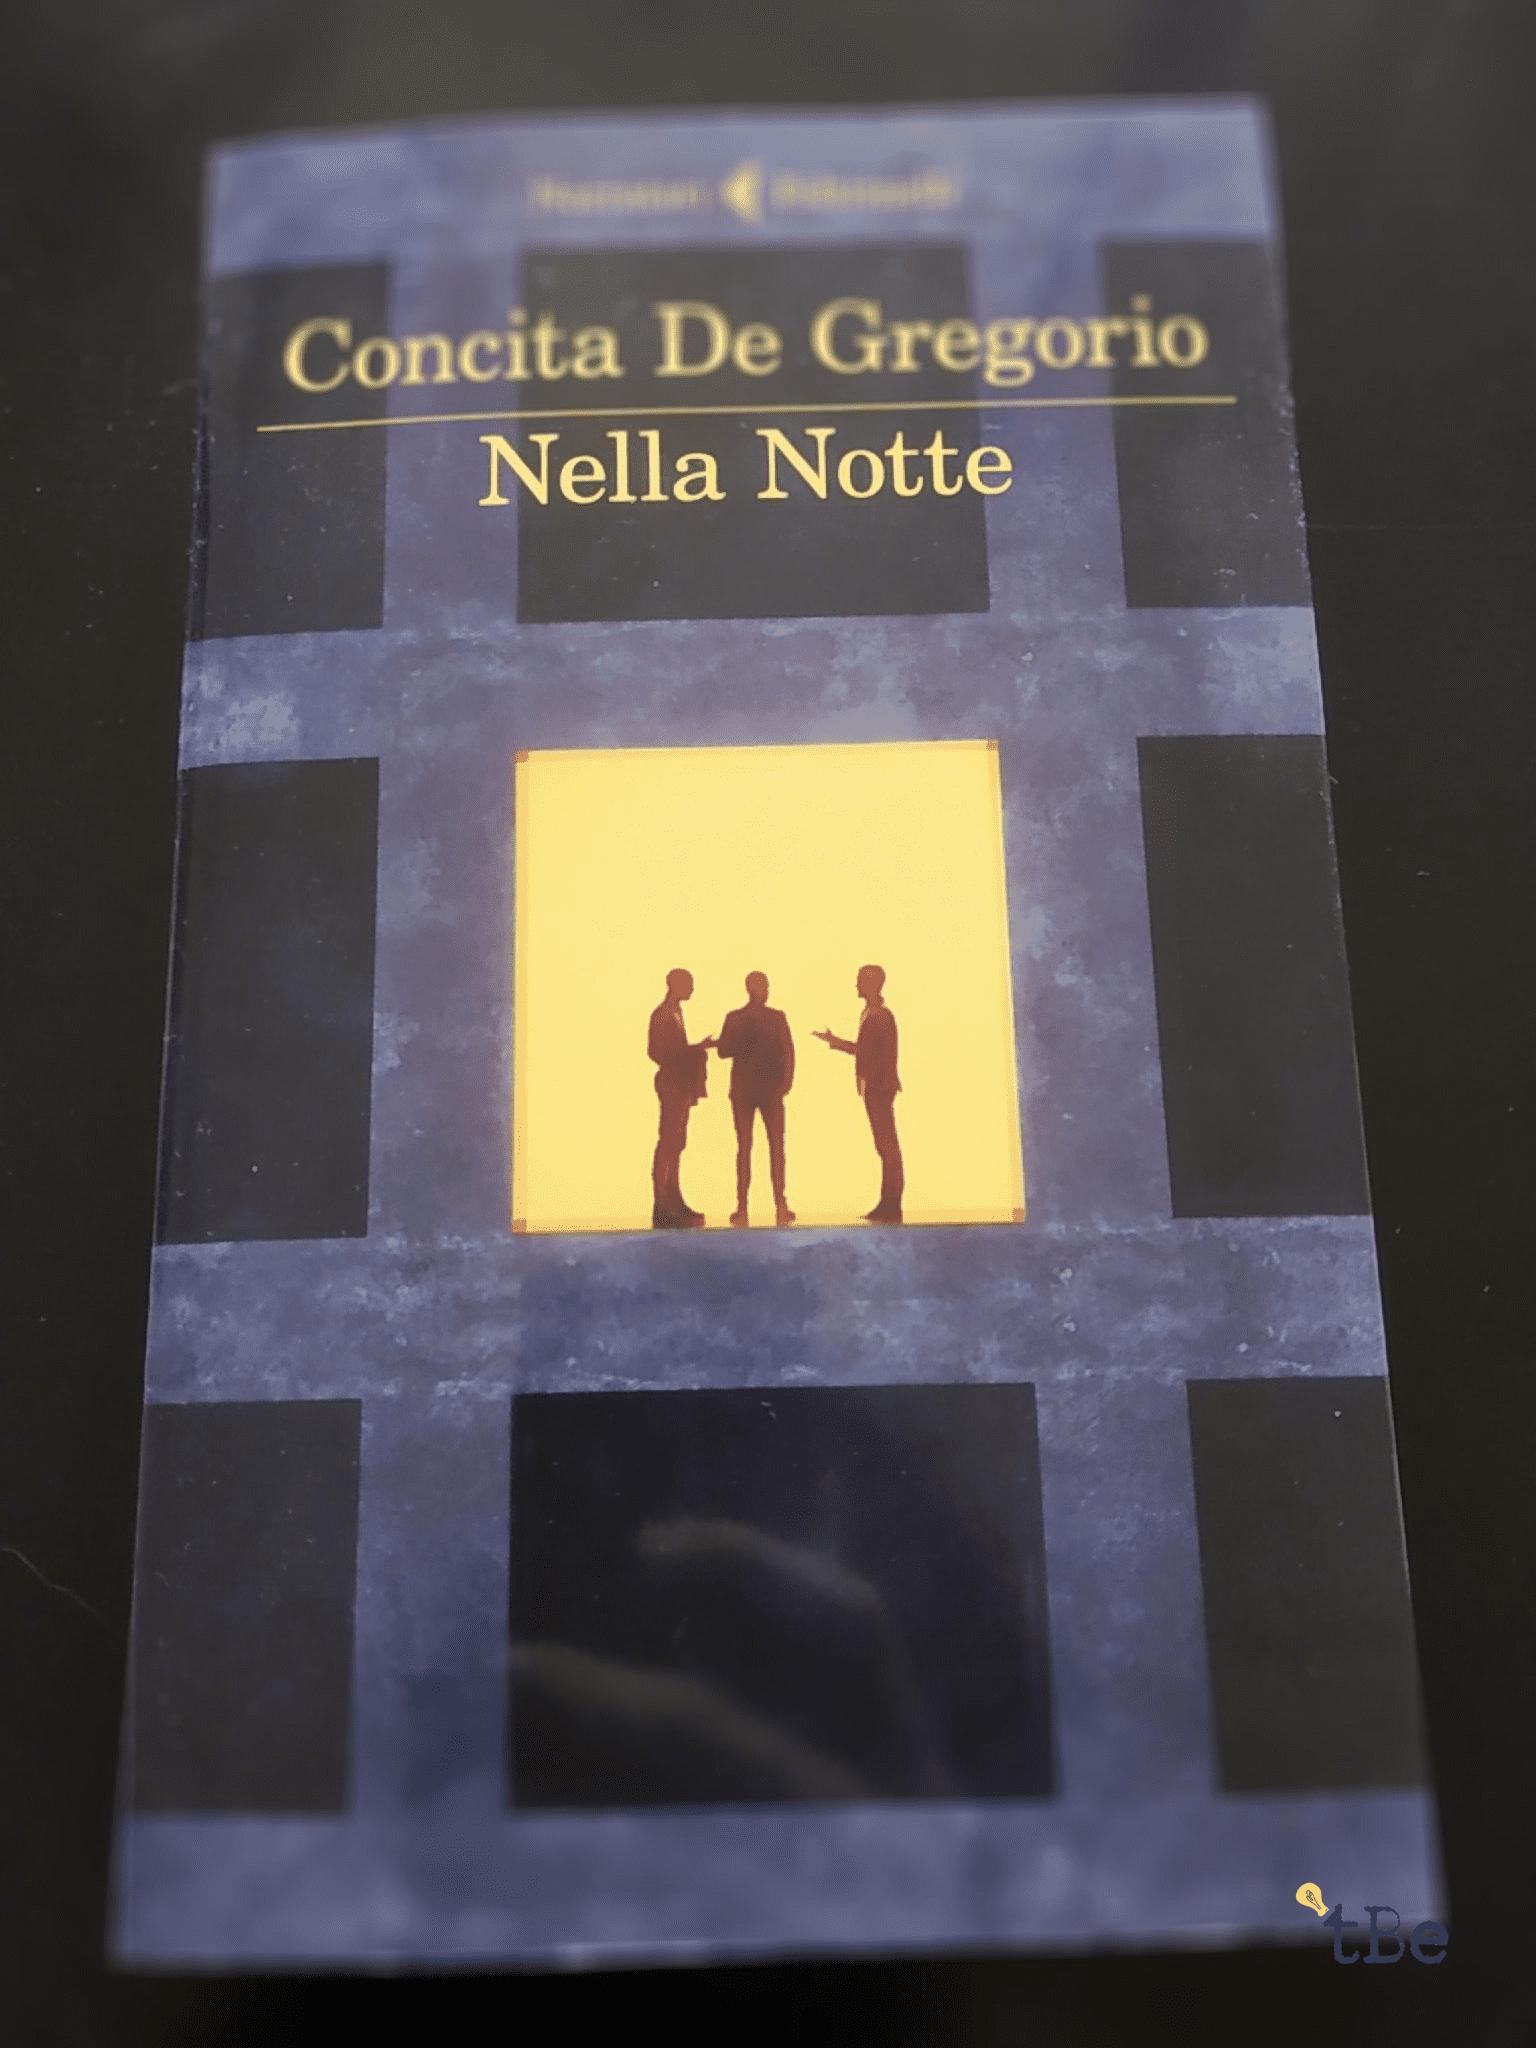 Concita De Gregorio - Nella Notte immagine principale